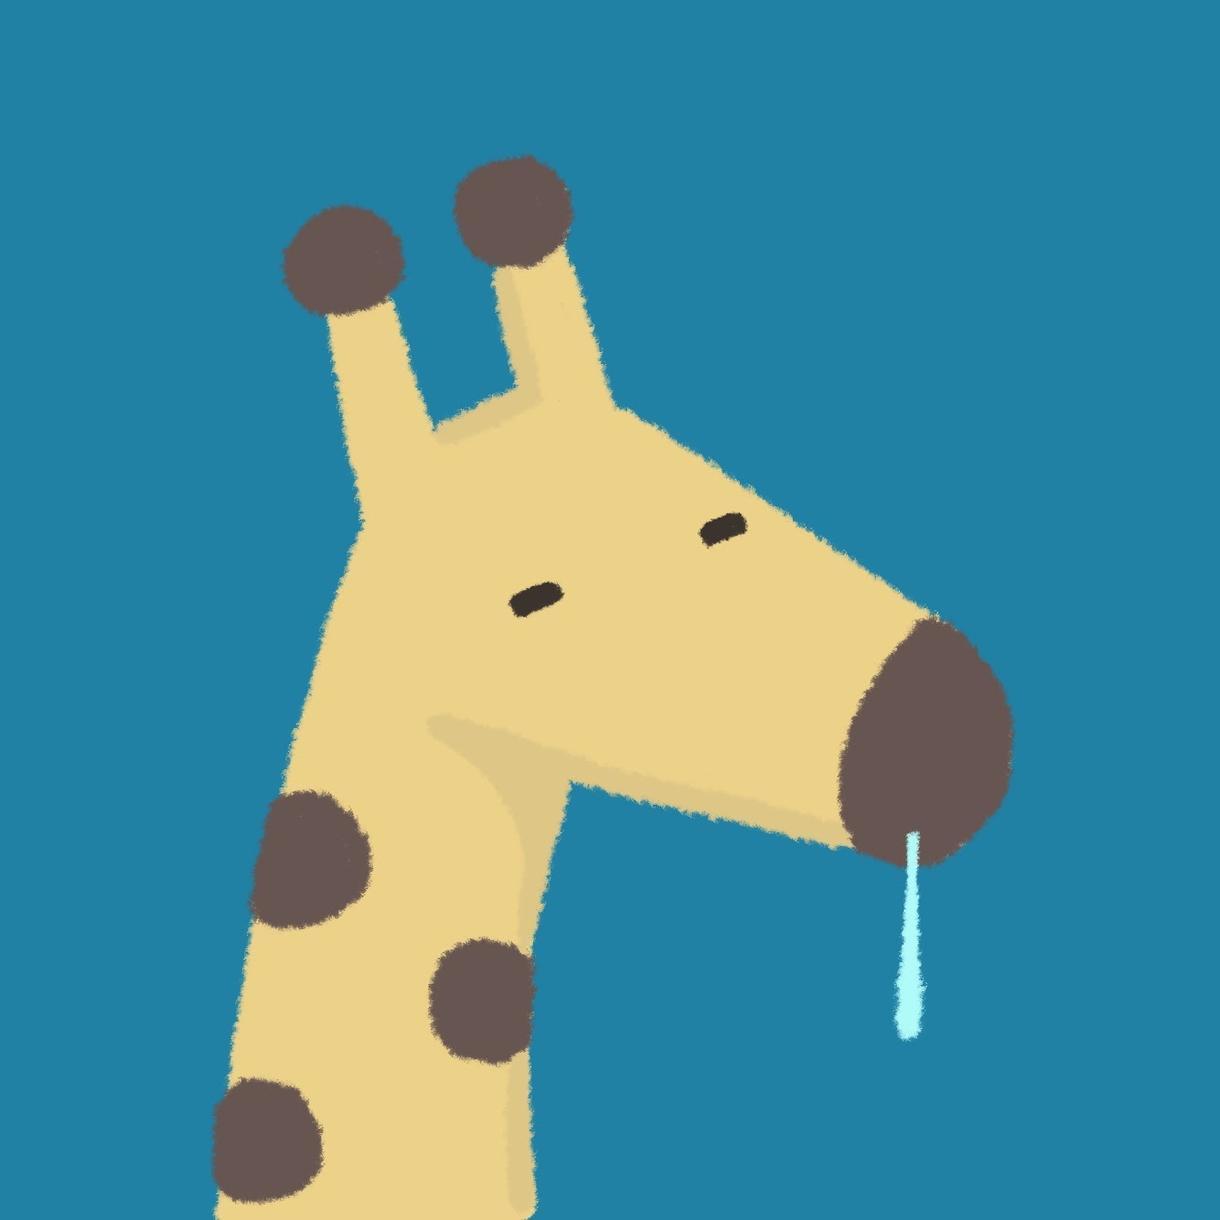 完全にゆるい動物や無機物のイラストアイコン描きます いかした脱力系アイコンにしてゆるんでいきましょう